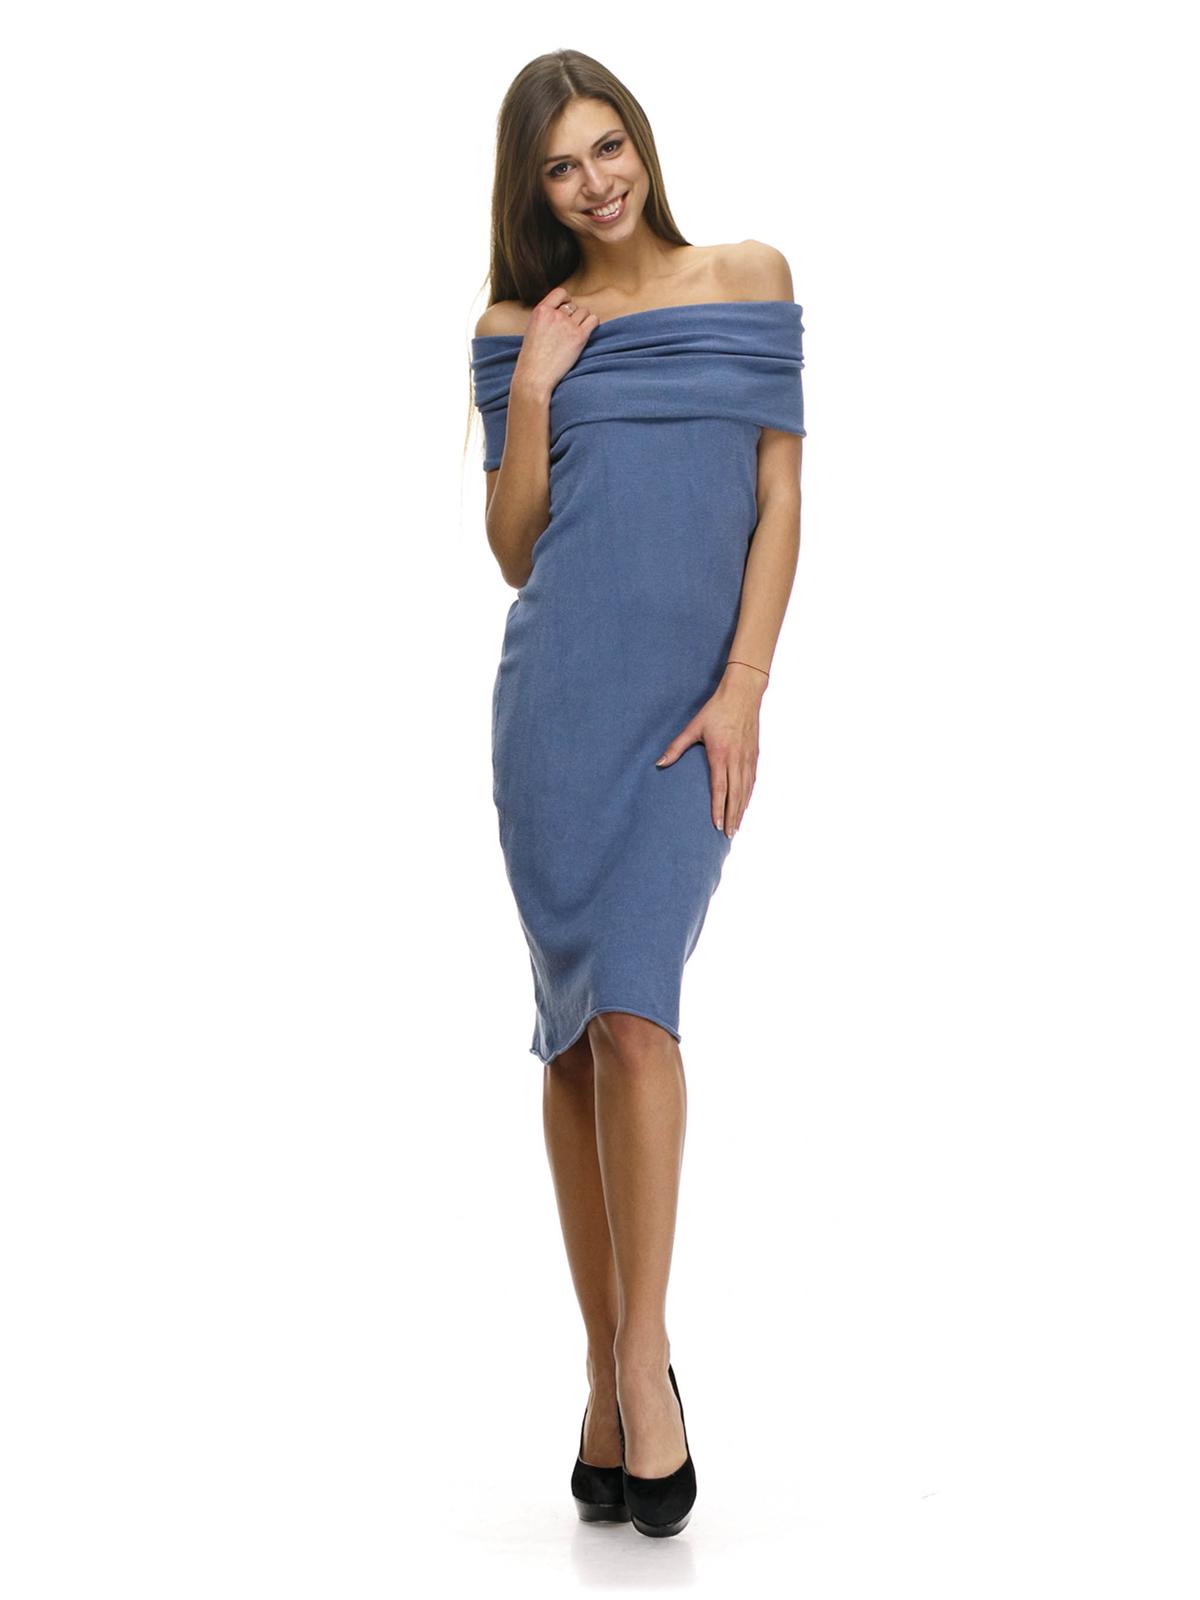 Женственная коллекция трикотажных платьев 2013-2014 (ФОТО)